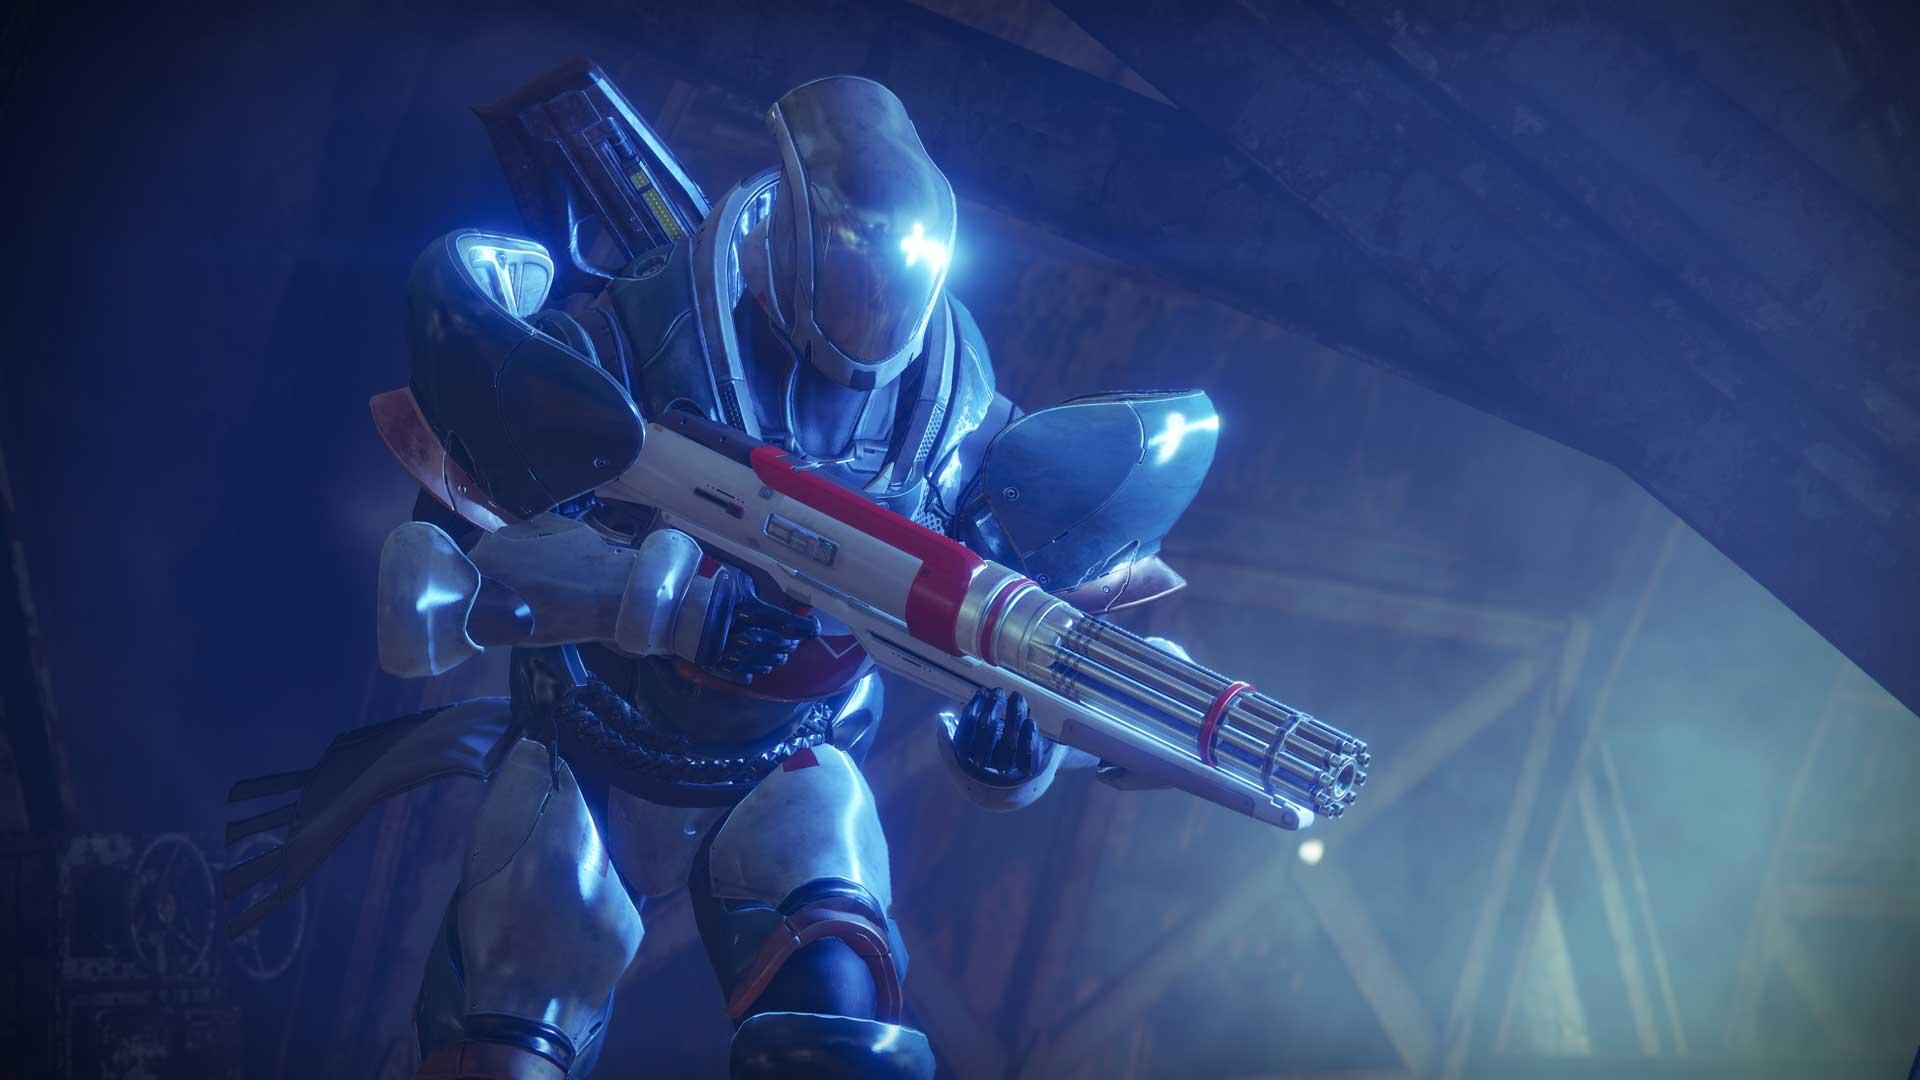 Destiny 2: TTK – So schnell (oder lahm) ist das PVP wirklich